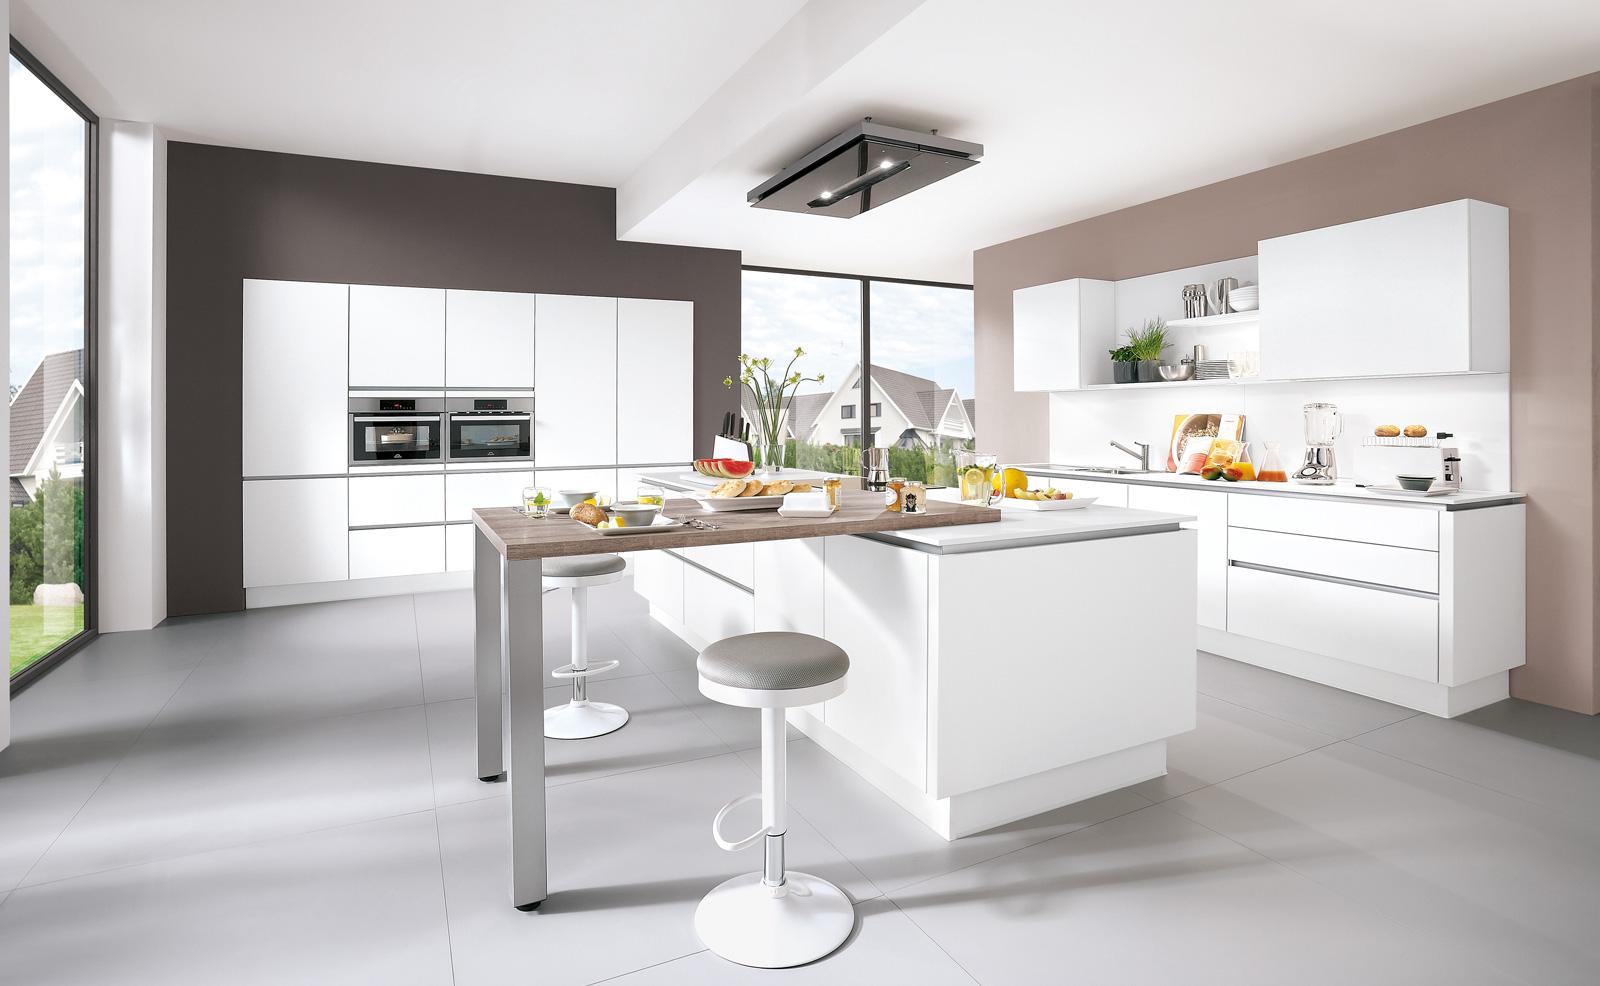 Großzügig Galerie Küchen Und Bäder Zeitgenössisch - Küchen Design ...